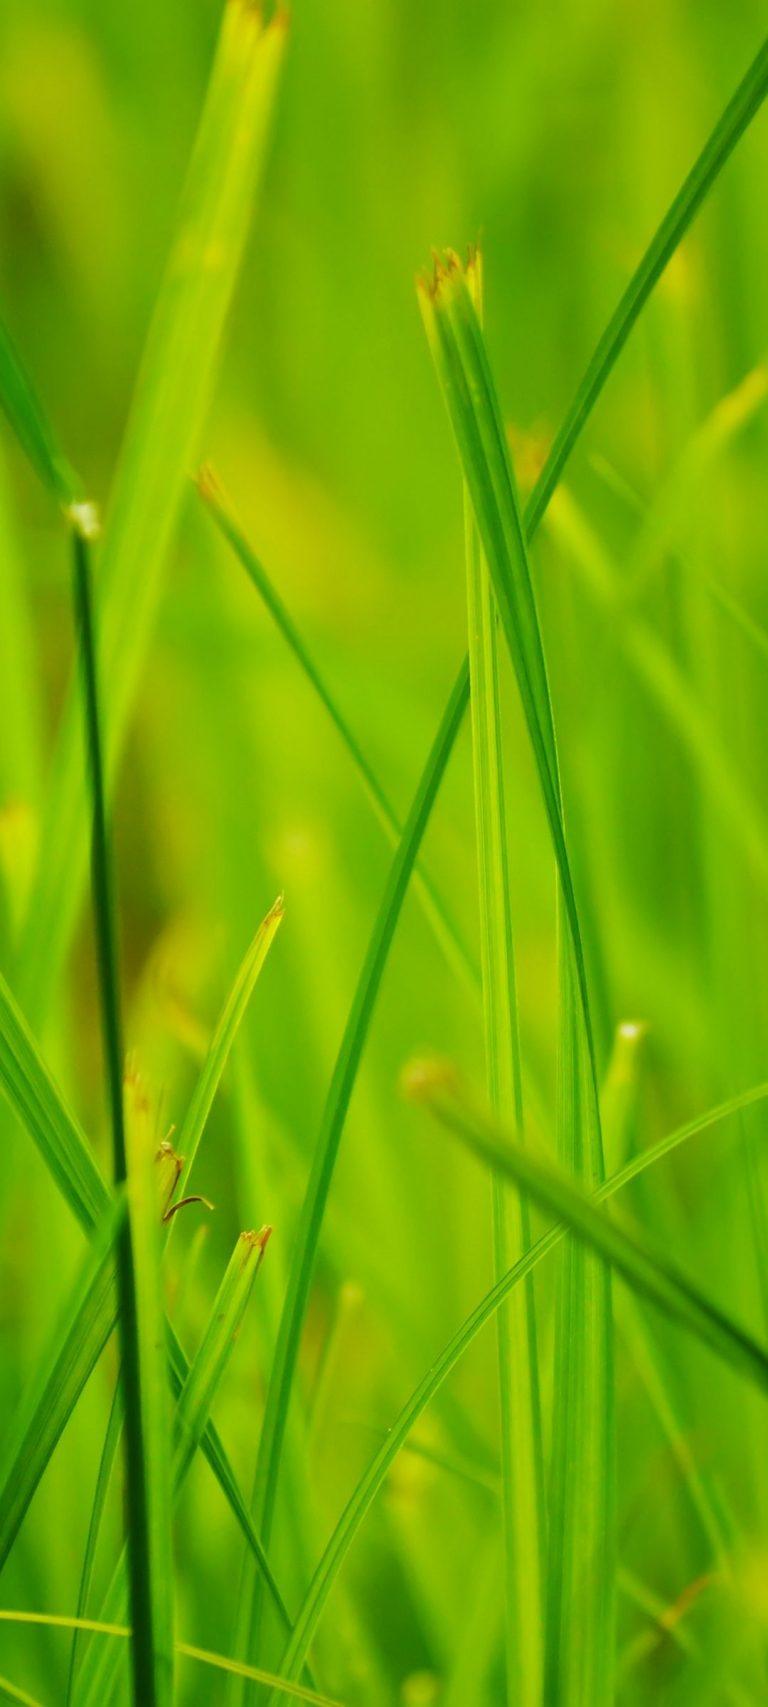 Grass Summer Nature Close Up 1080x2400 768x1707